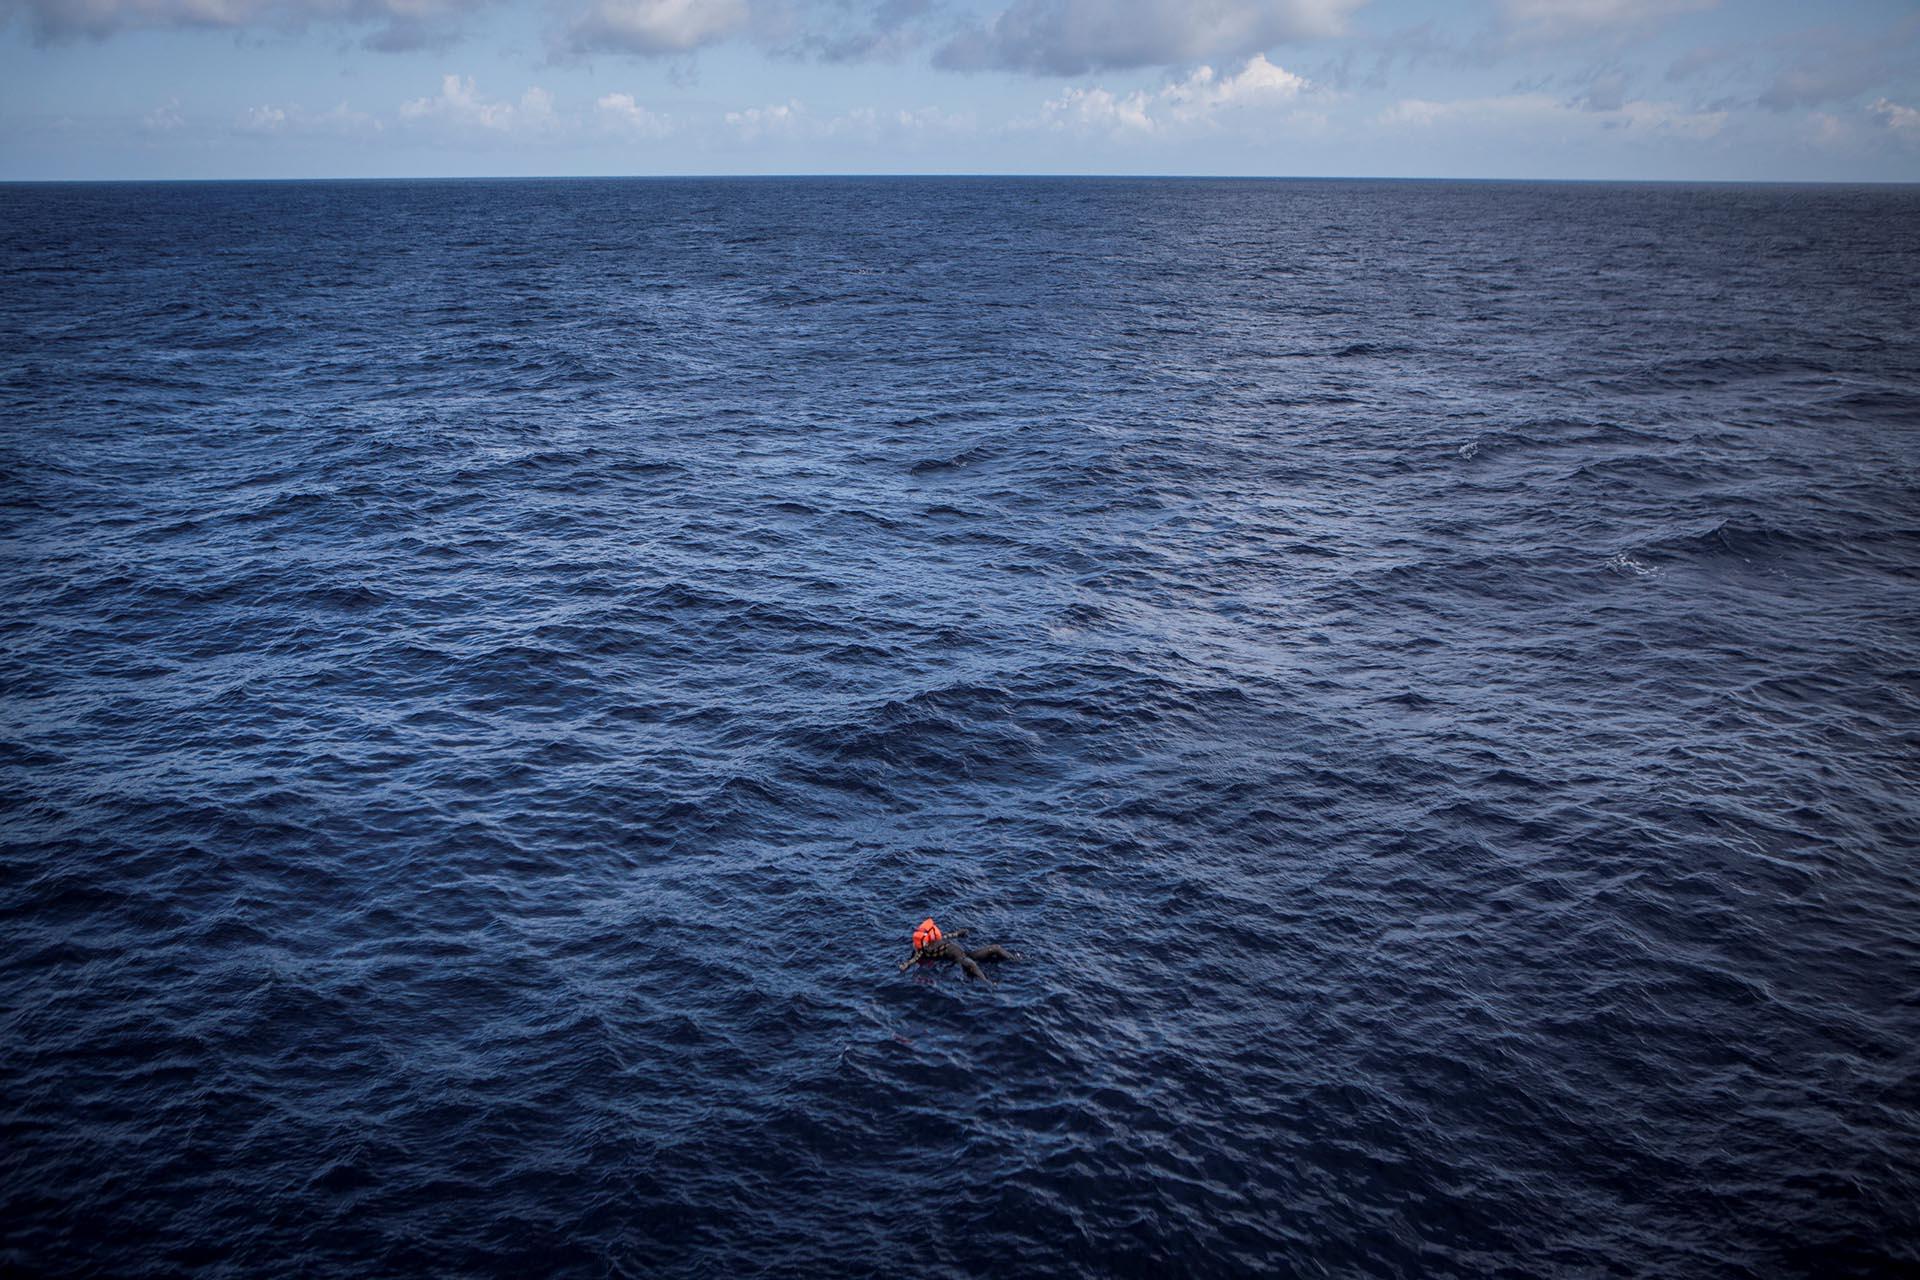 Spot News, tercer premio. El cuerpo de un inmigrante hallado flotando en el mar. Los rescatistas de la Cruz Roja estiman que estuvo flotando por lo menos cuatro días. Mathieu Willcocks/MOAS.eu